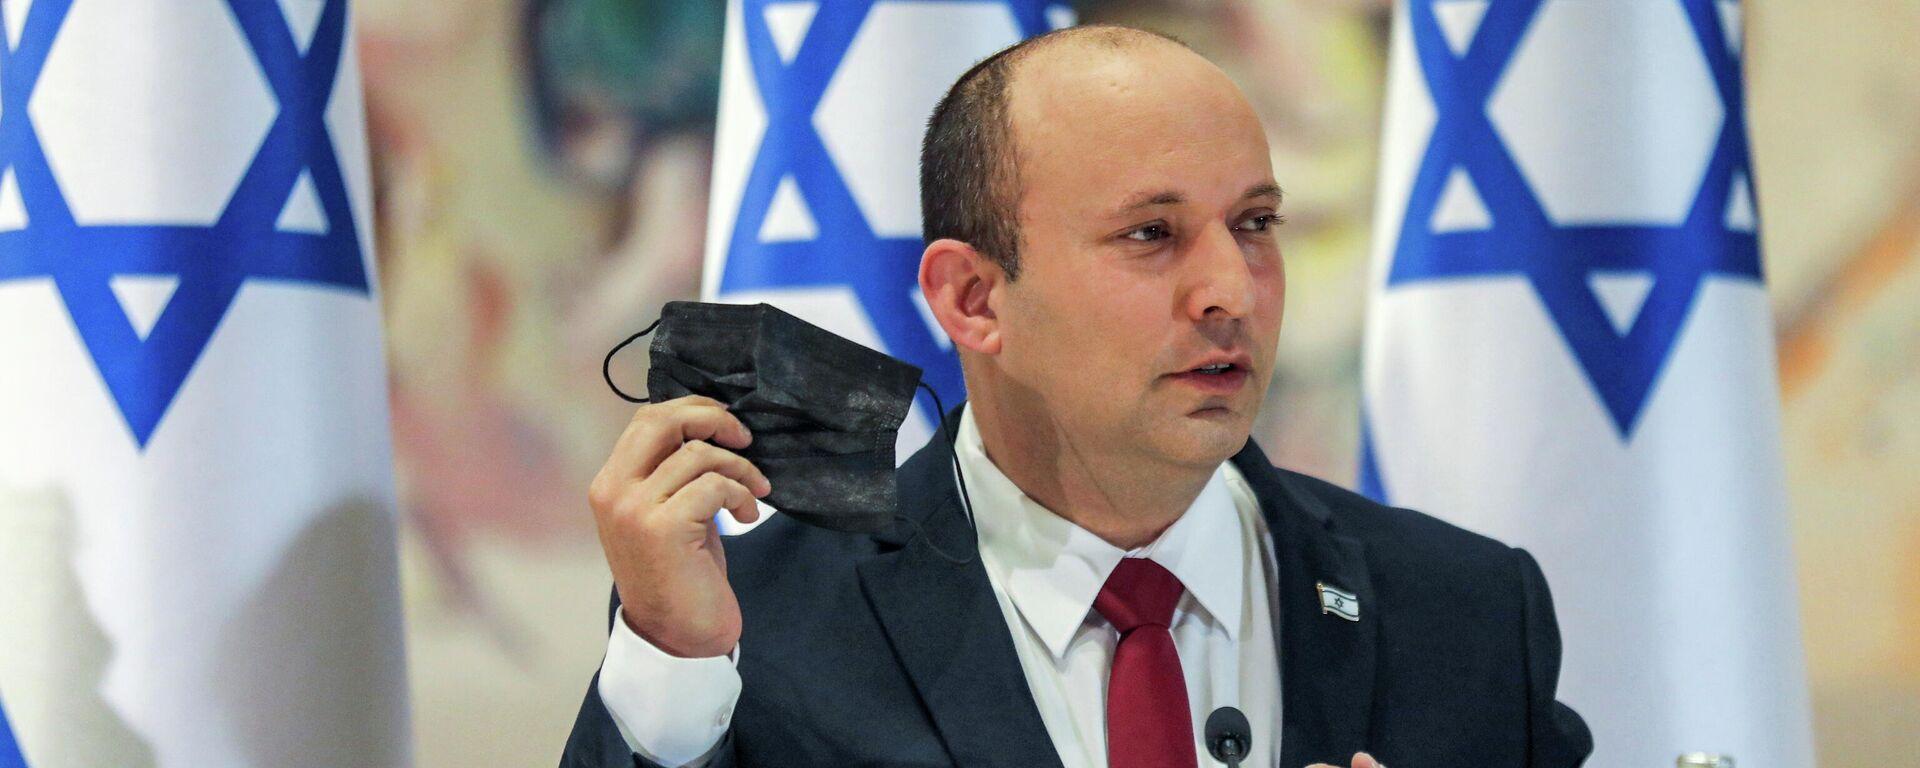 El primer ministro de Israel, Naftali Bennett - Sputnik Mundo, 1920, 20.07.2021